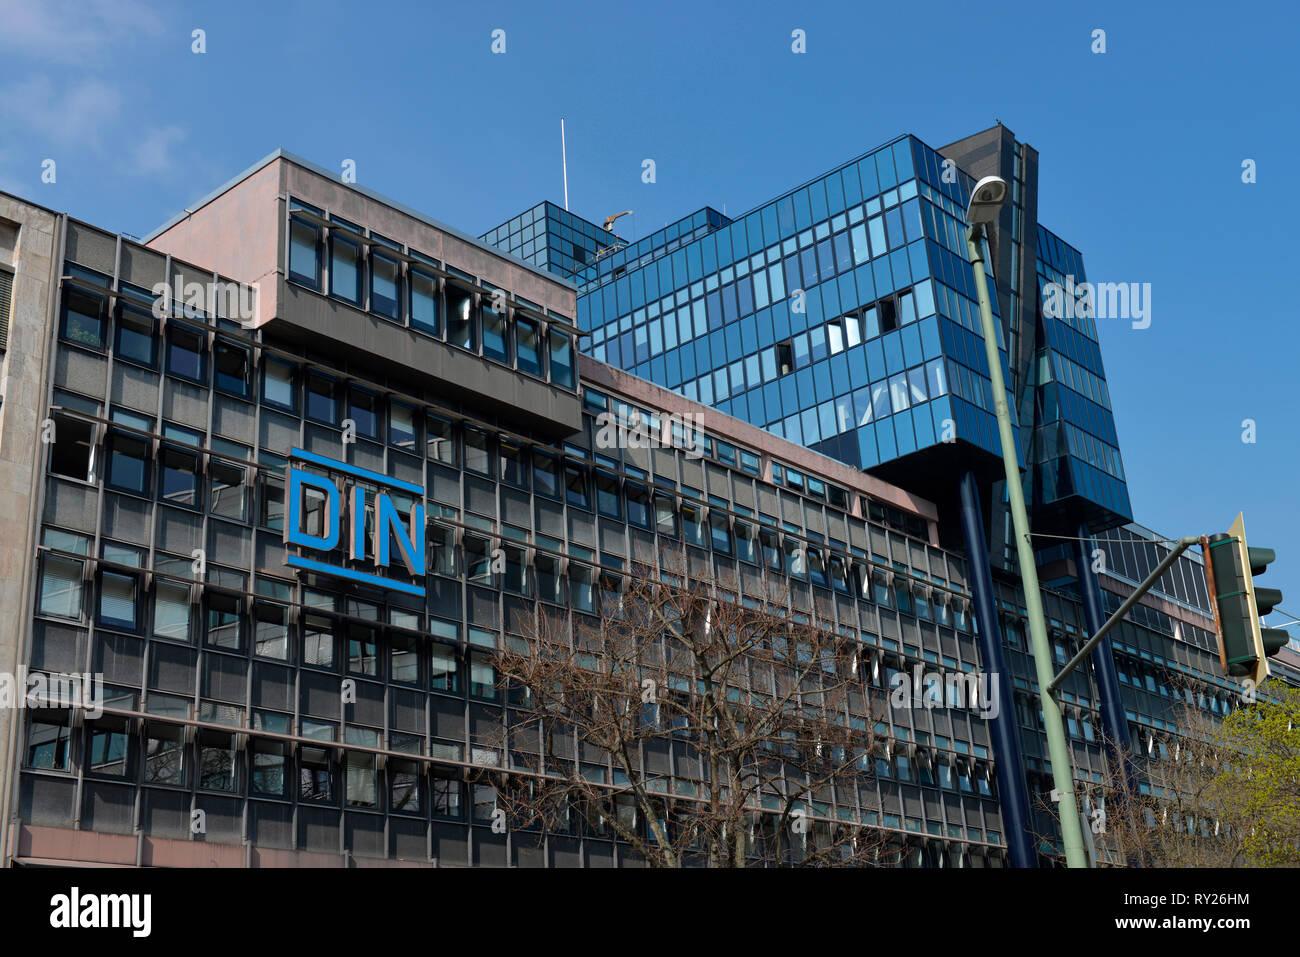 DIN, Burggrafenstrasse, Tiergarten, Mitte, Berlin, Deutschland - Stock Image